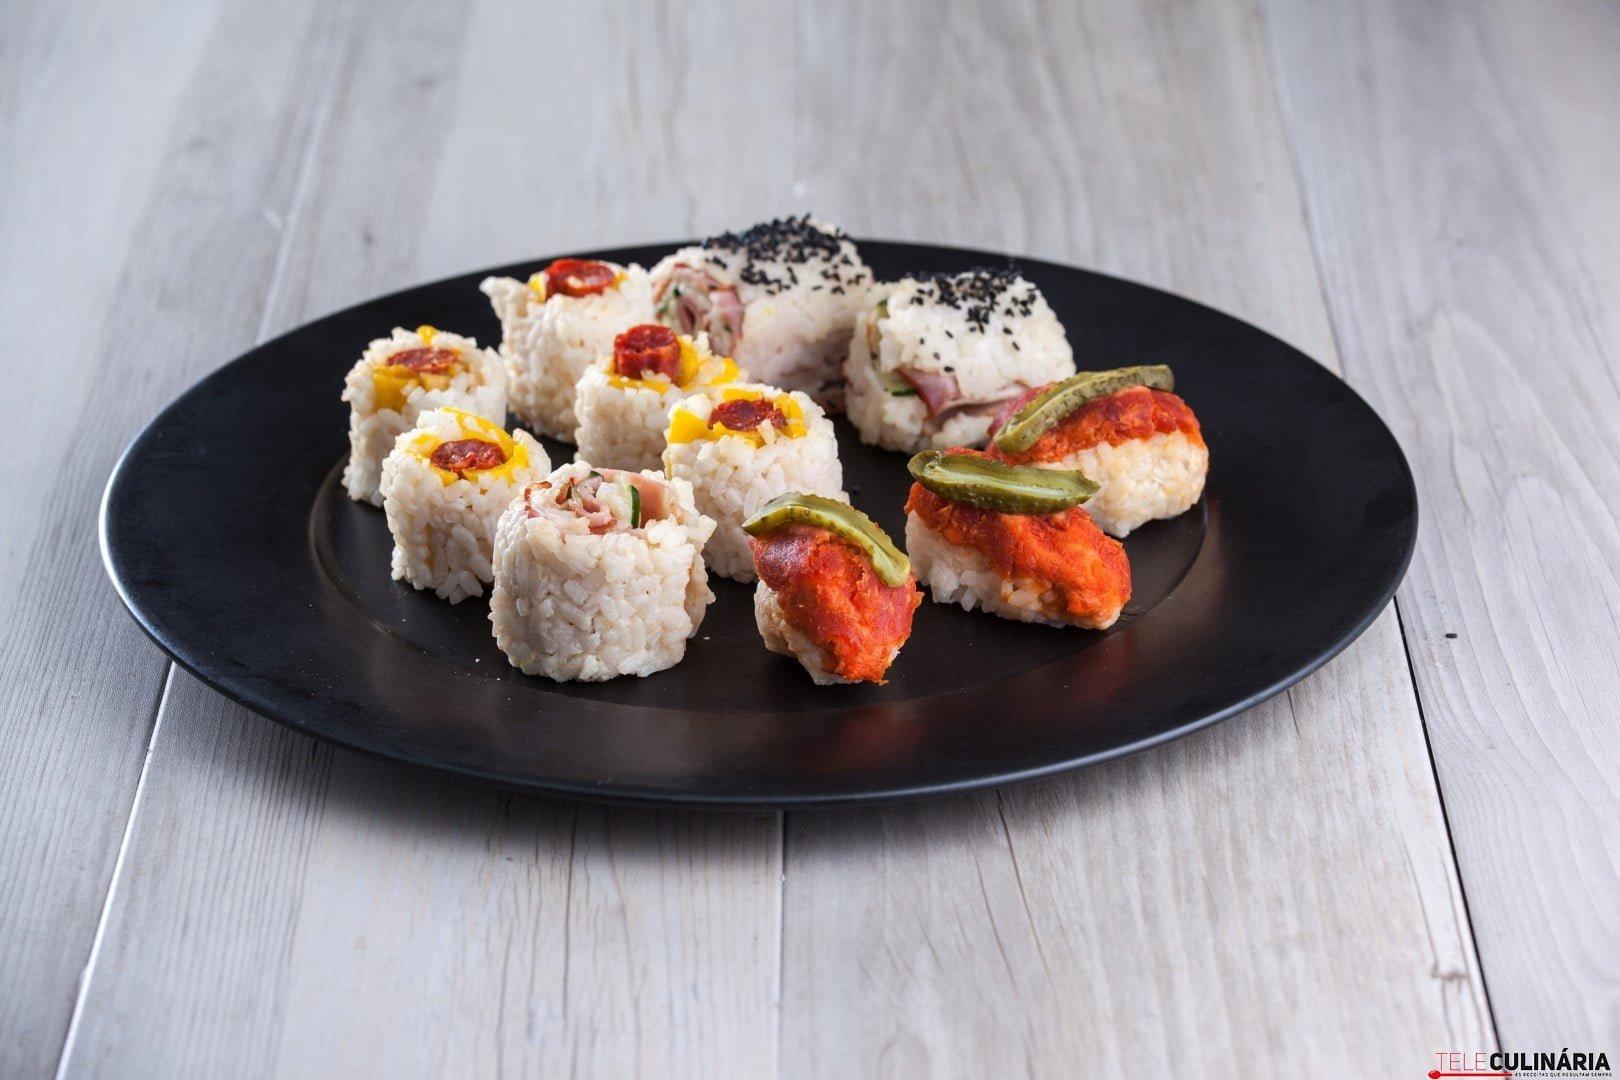 Sushi CHLM 2 Large